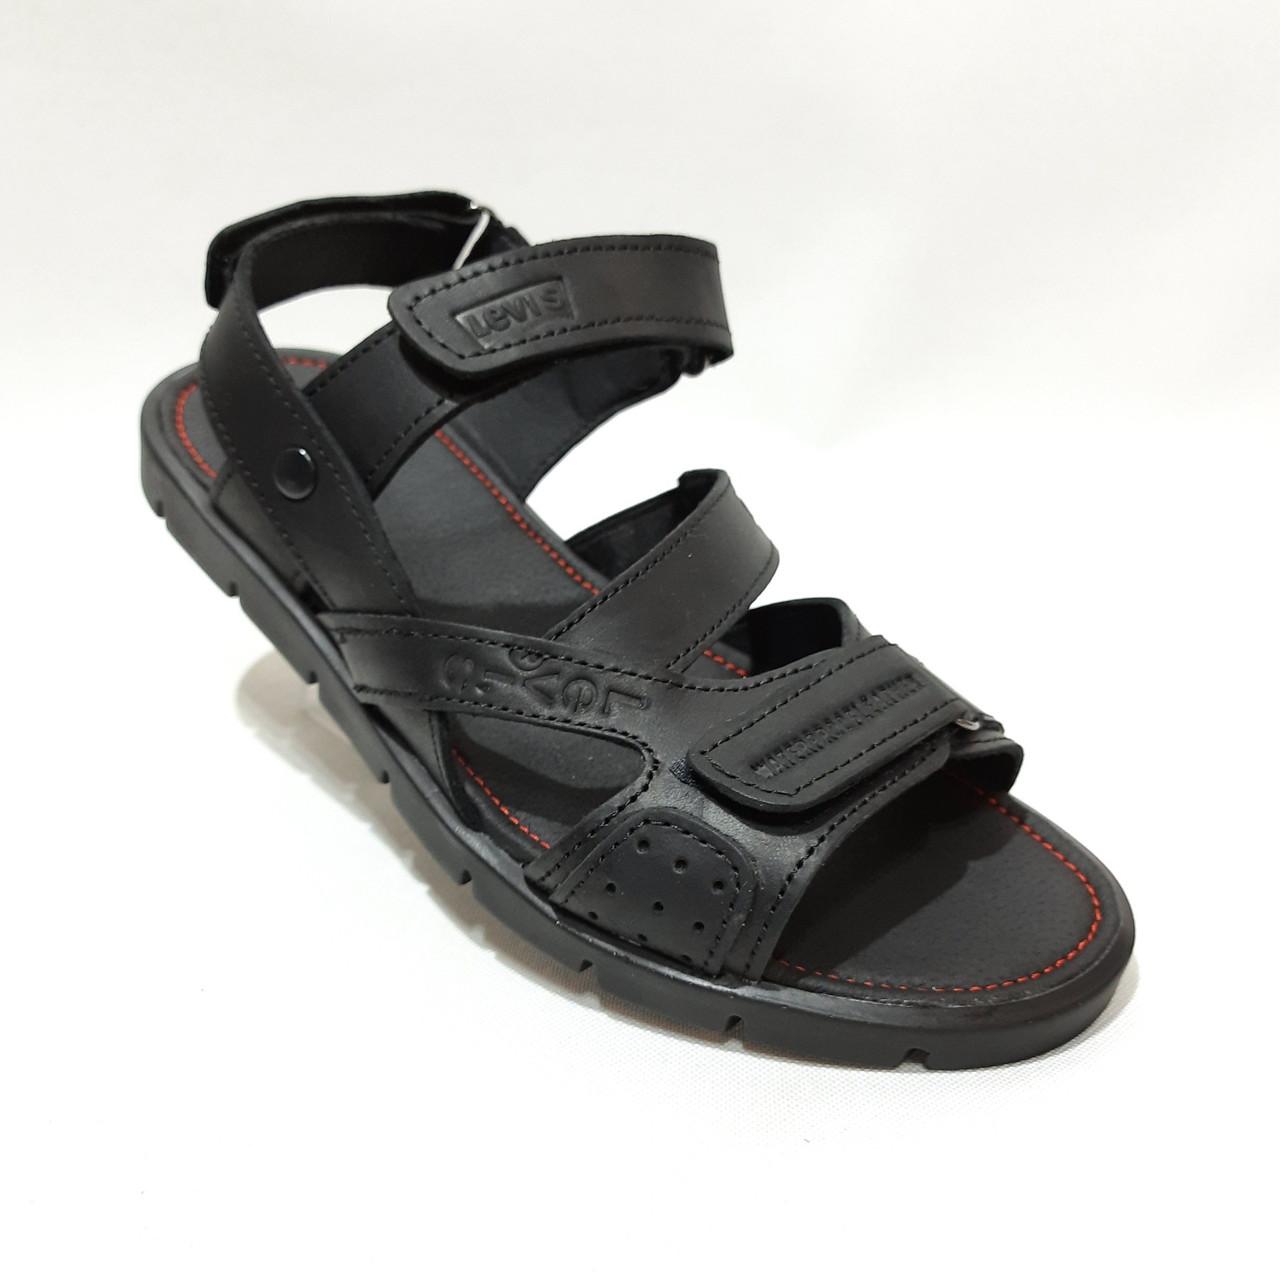 44,45 р  Мужские кожаные сандалии отличного качества